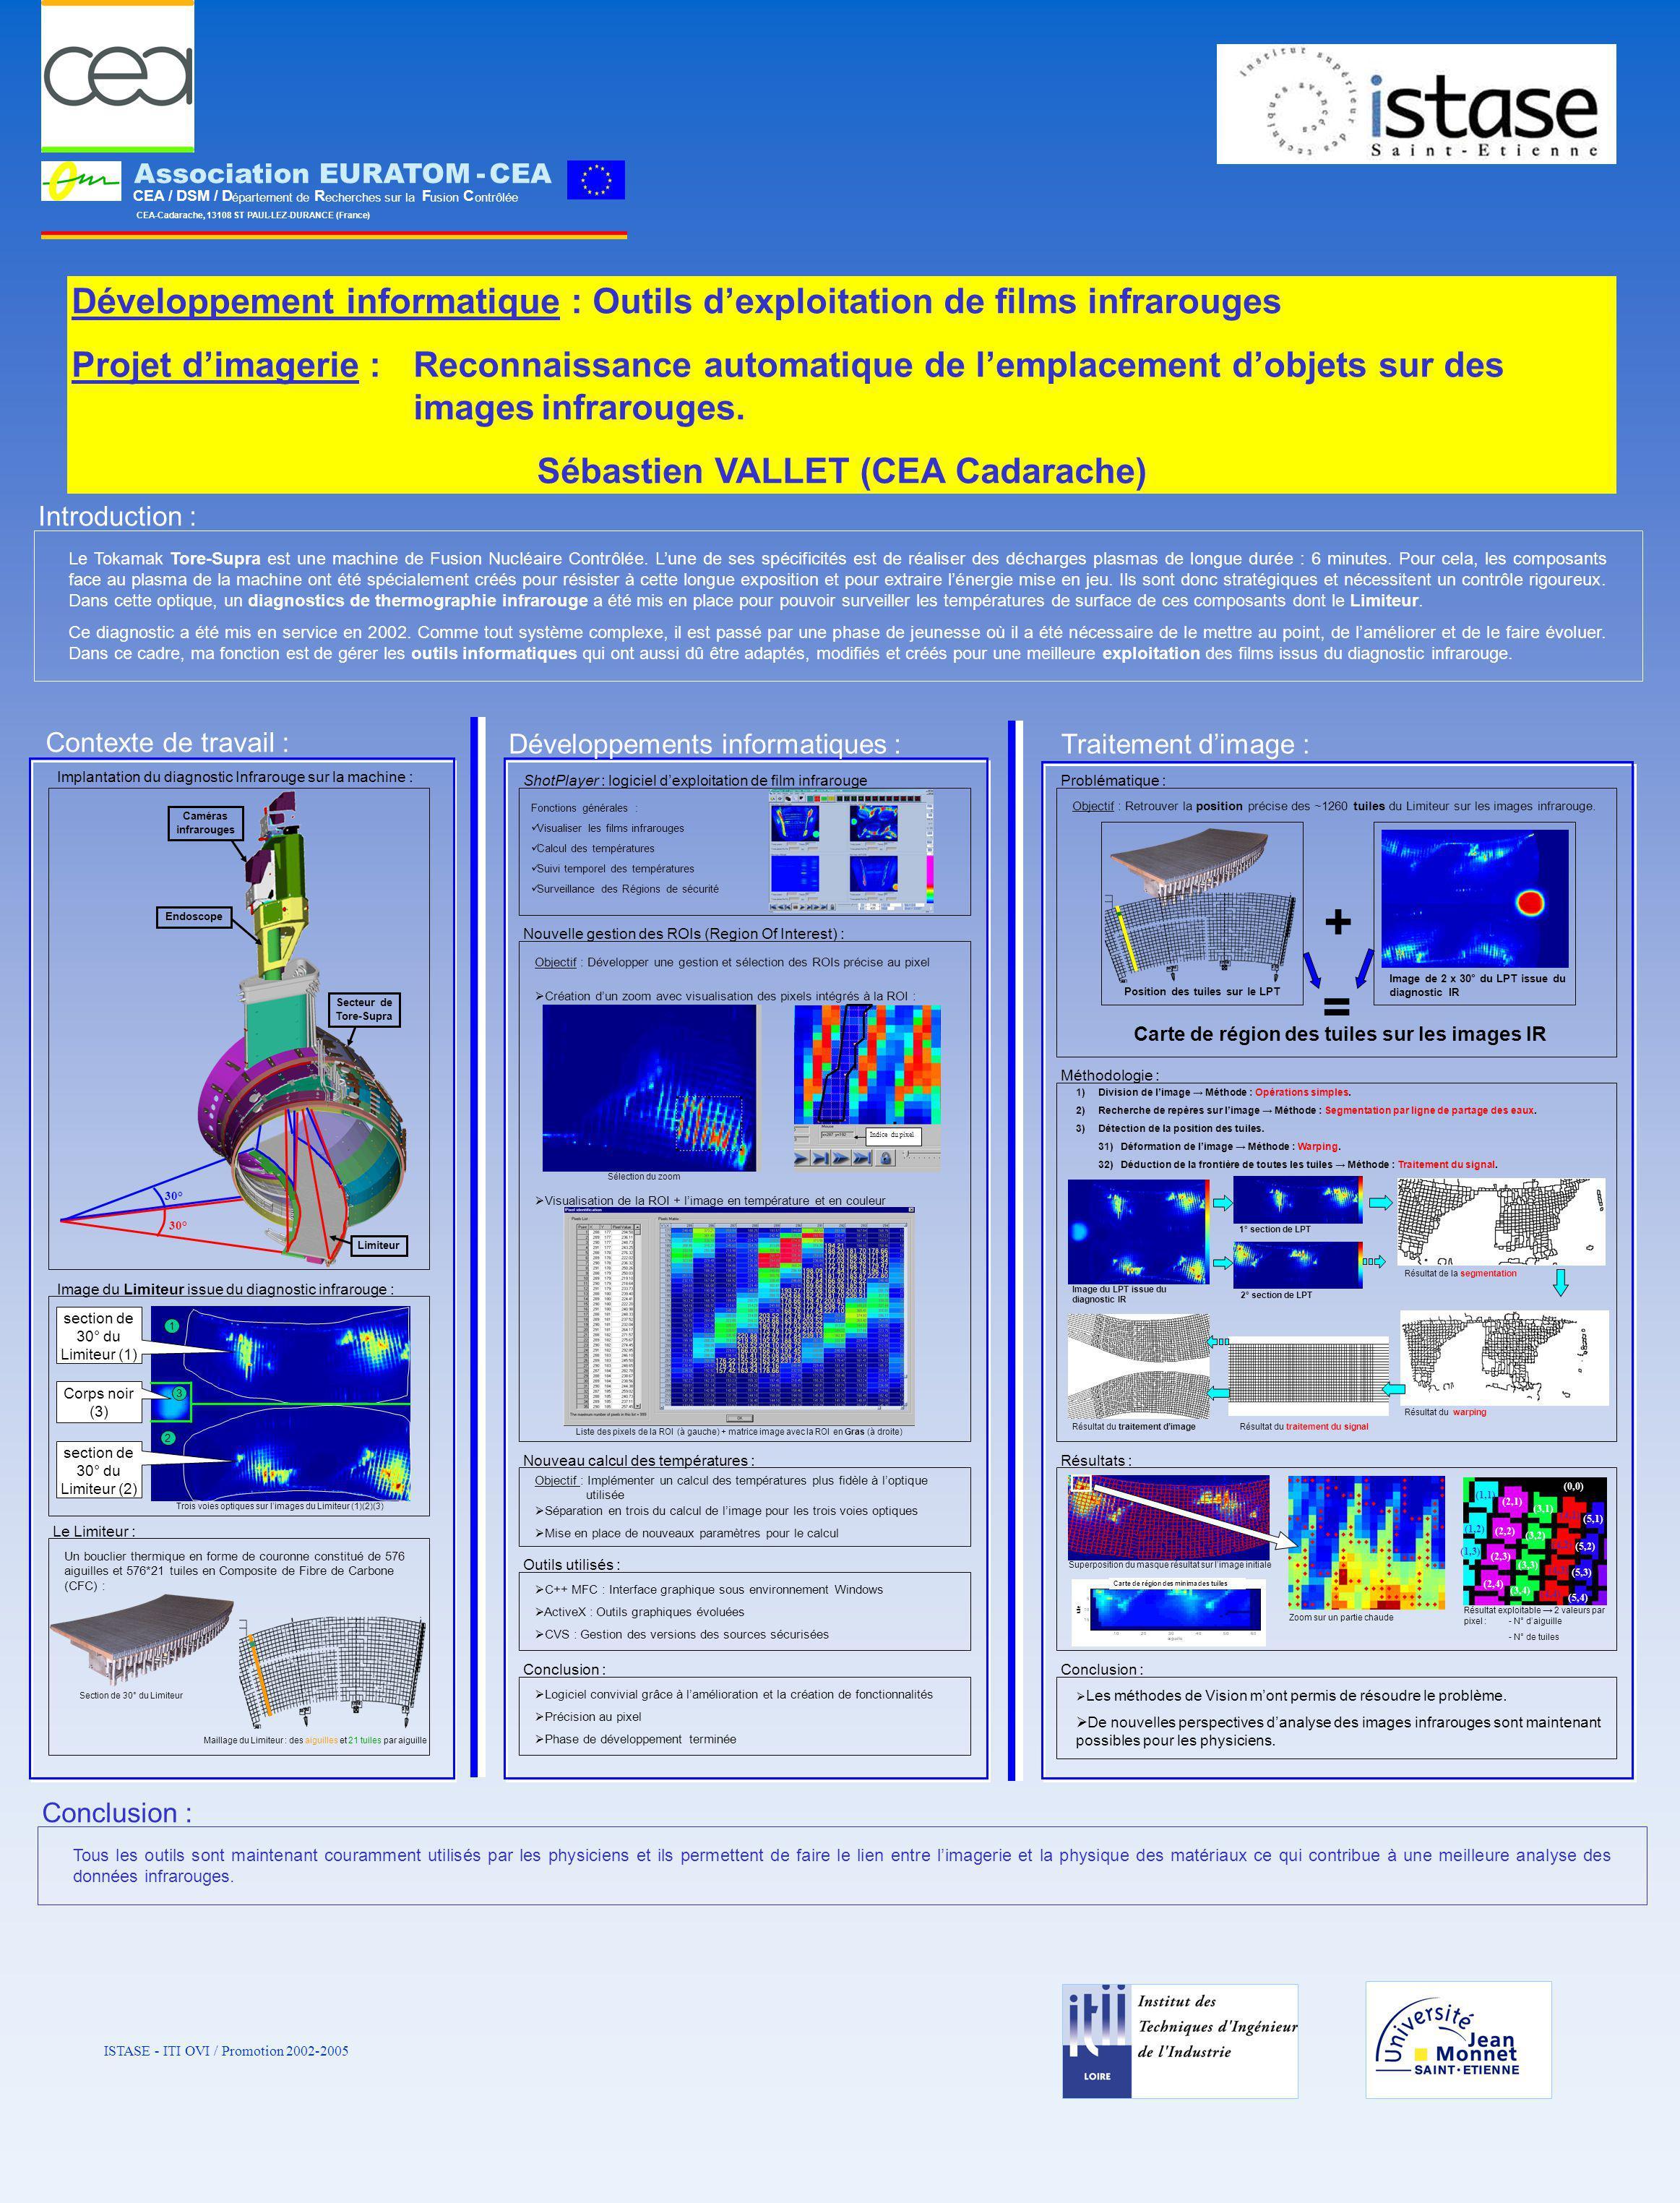 Développement informatique : Outils dexploitation de films infrarouges Projet dimagerie : Reconnaissance automatique de lemplacement dobjets sur des imagesinfrarouges.